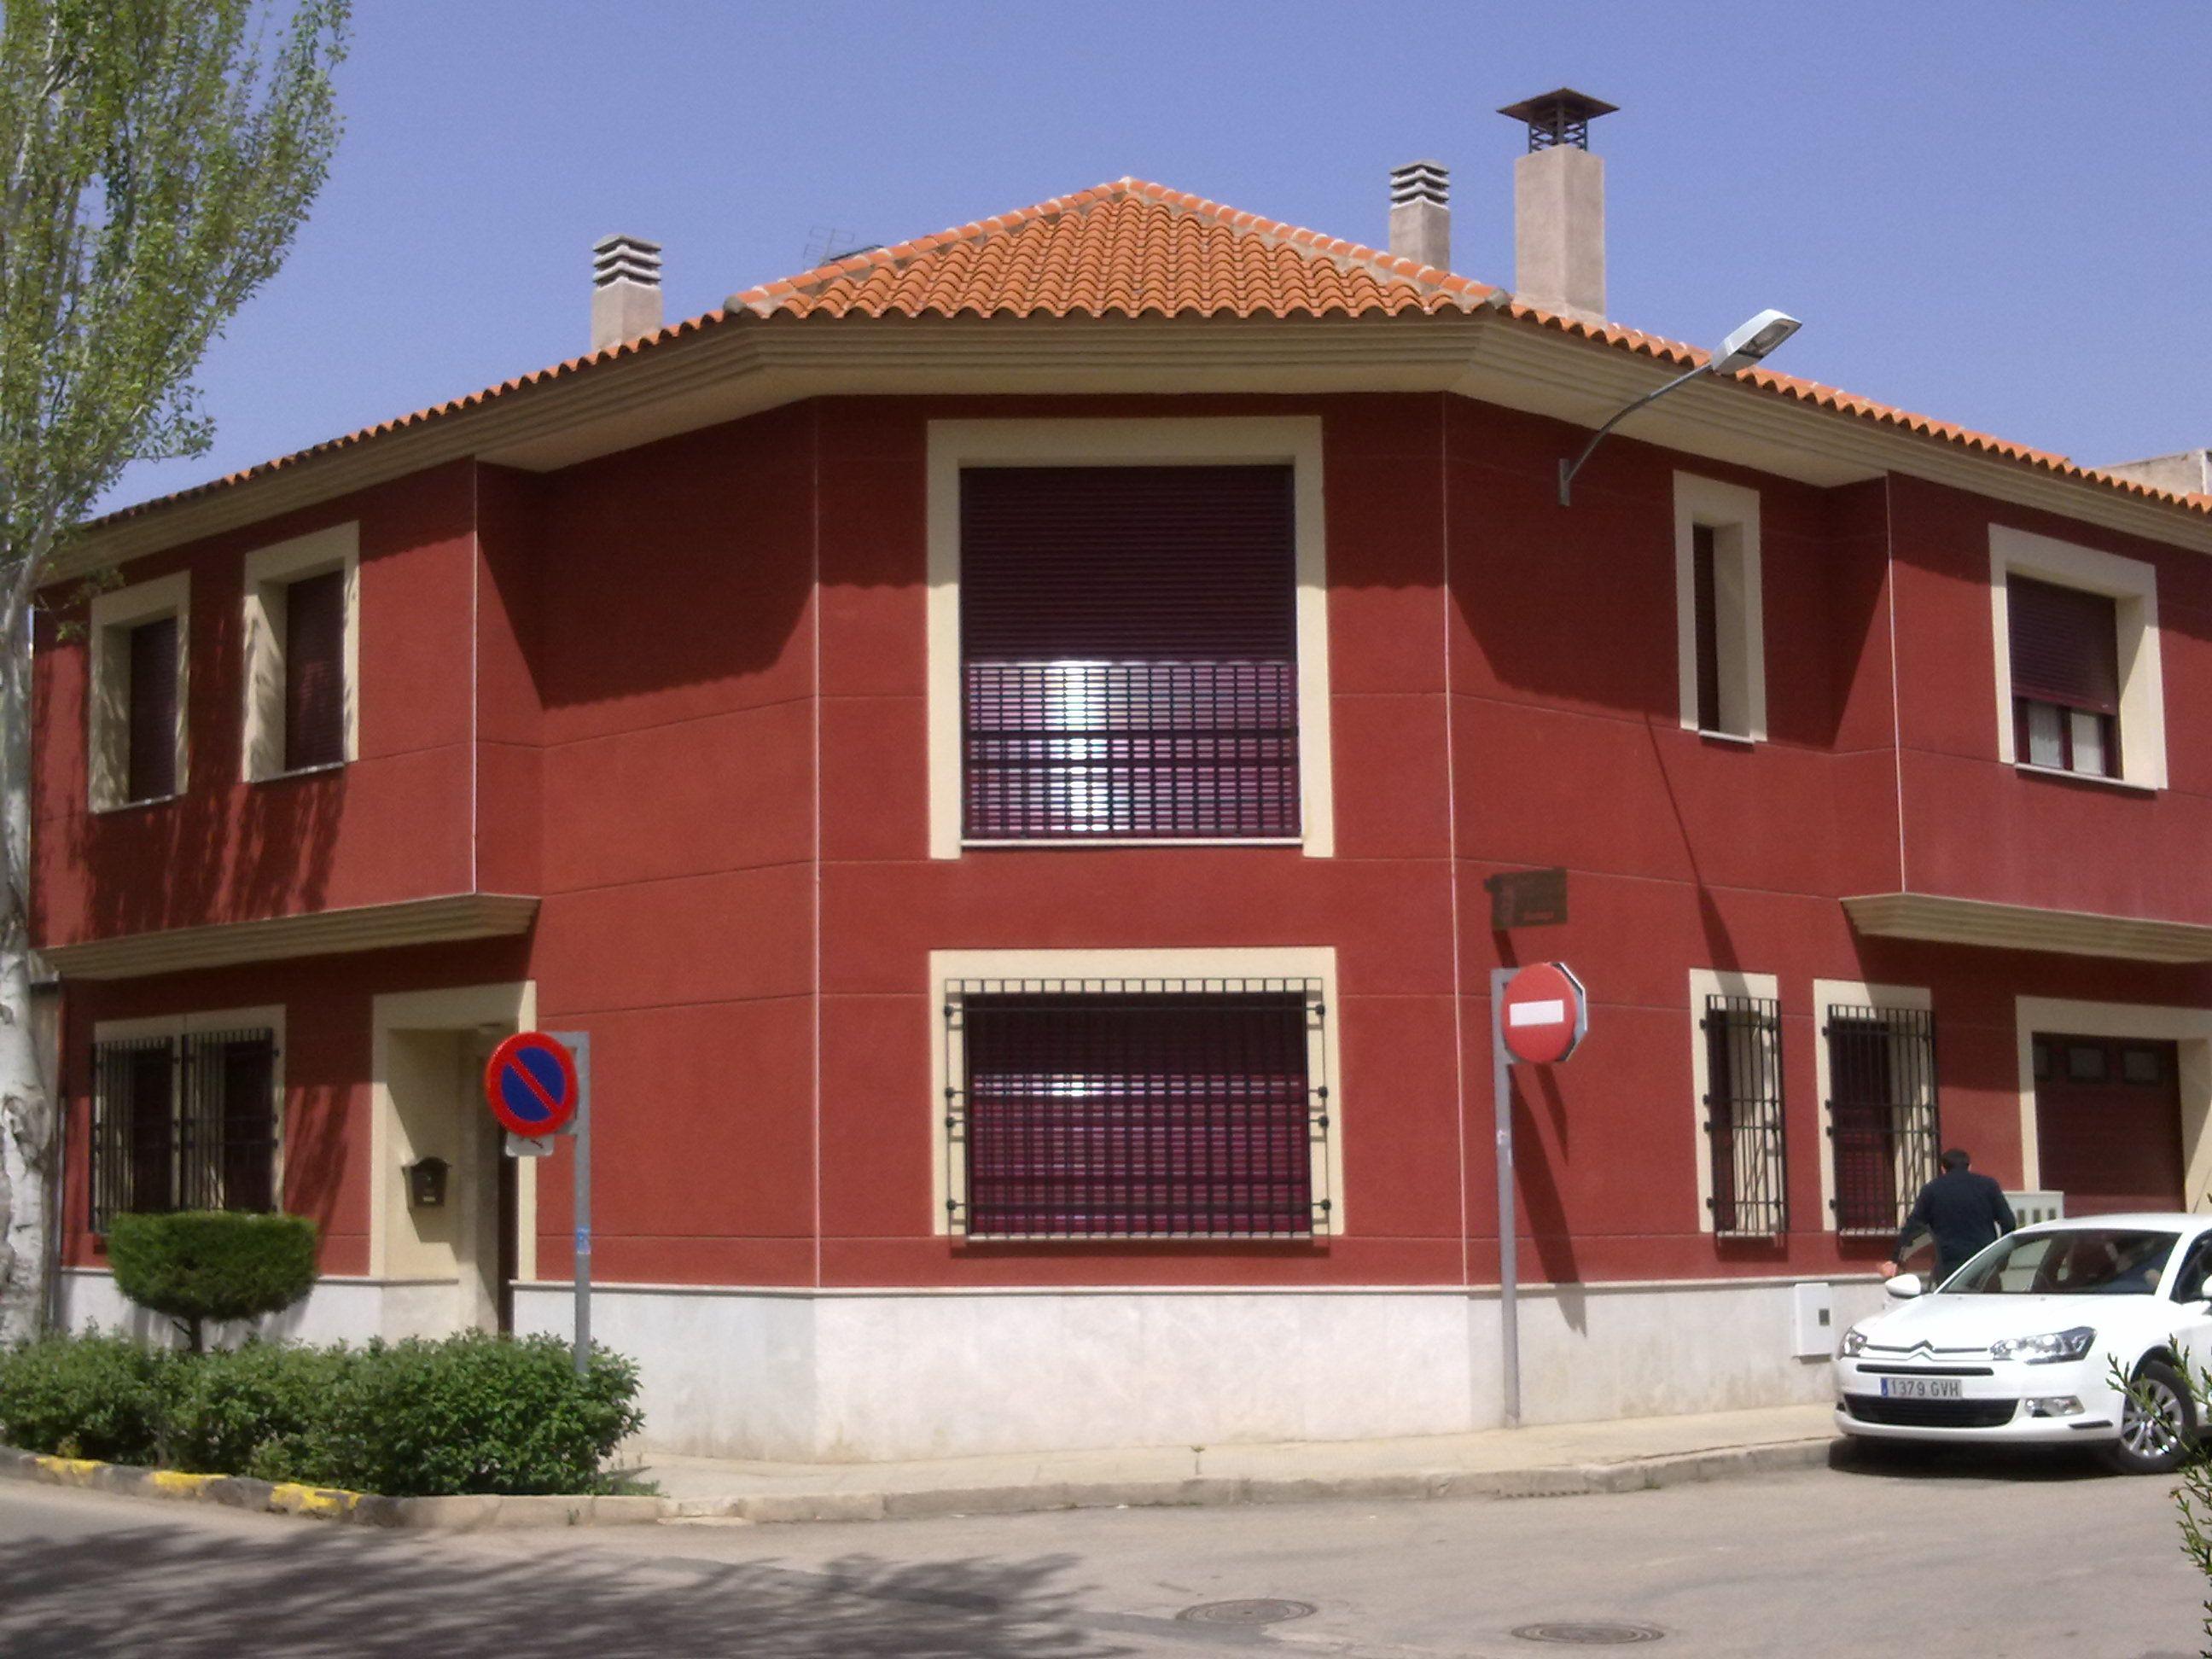 Tonos De Rojo Outdoor Decor Decor Home Decor